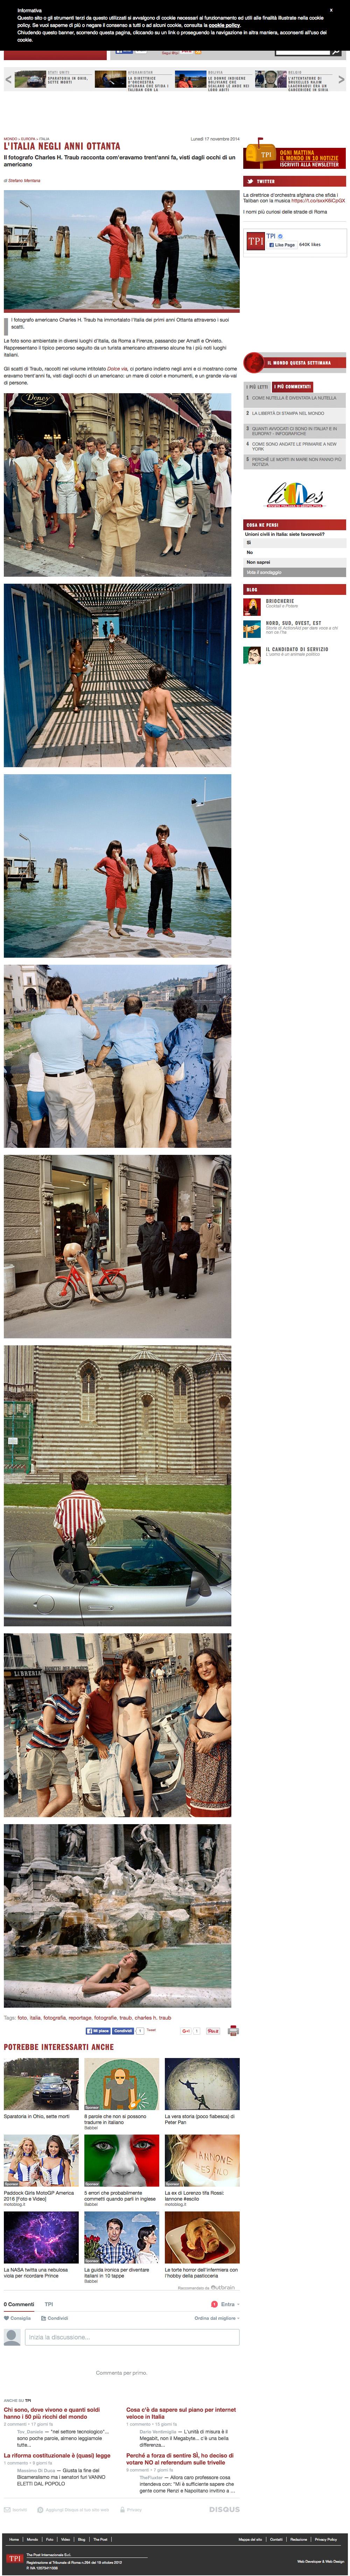 Dolce Via - TPI (Italy) - Nov 17 2014.jpg